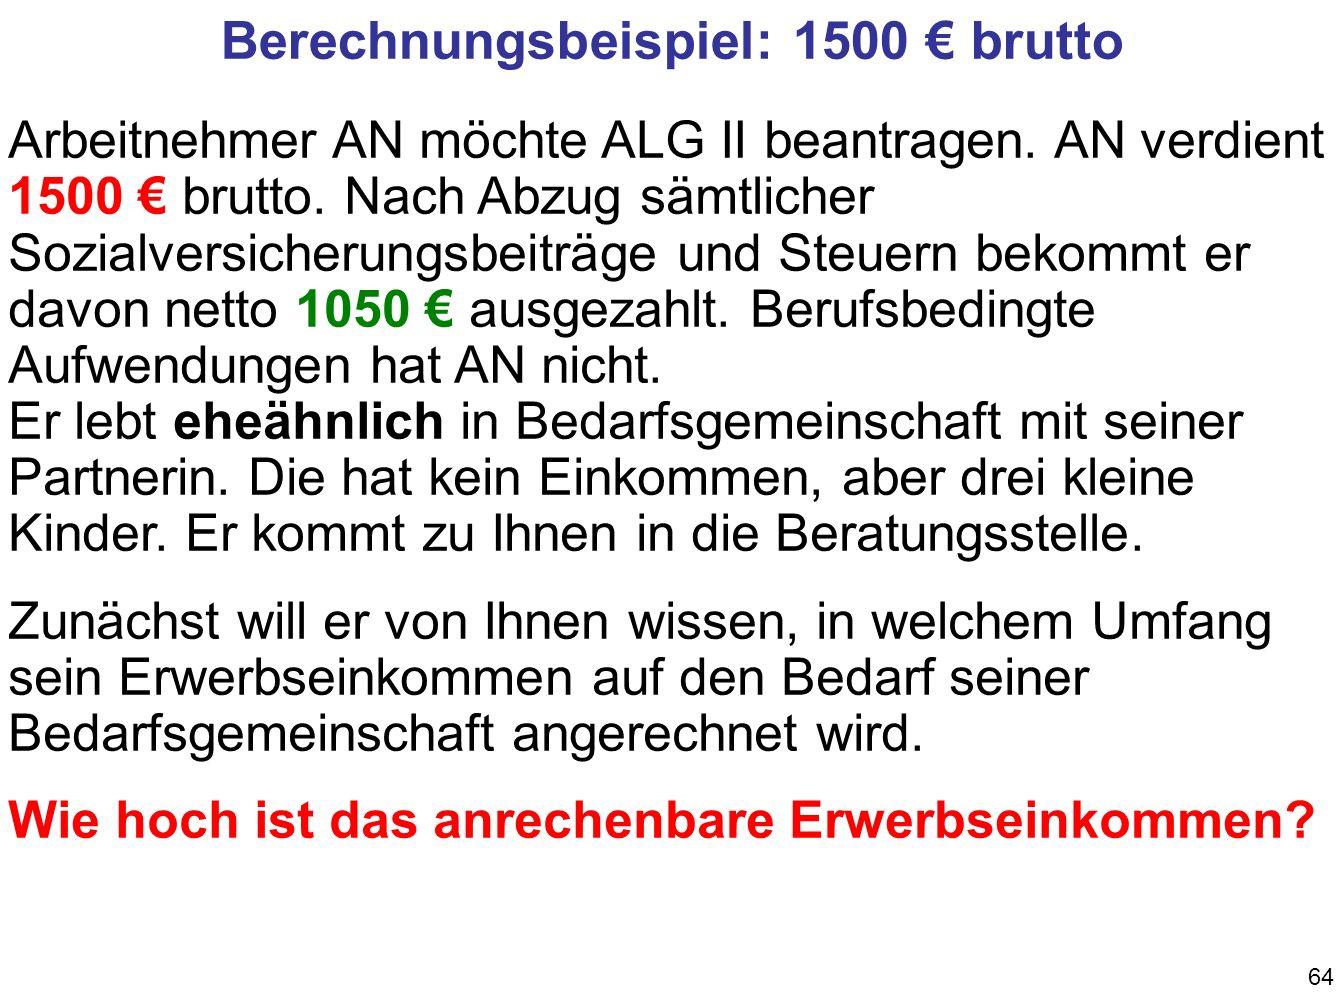 Berechnungsbeispiel: 1500 € brutto